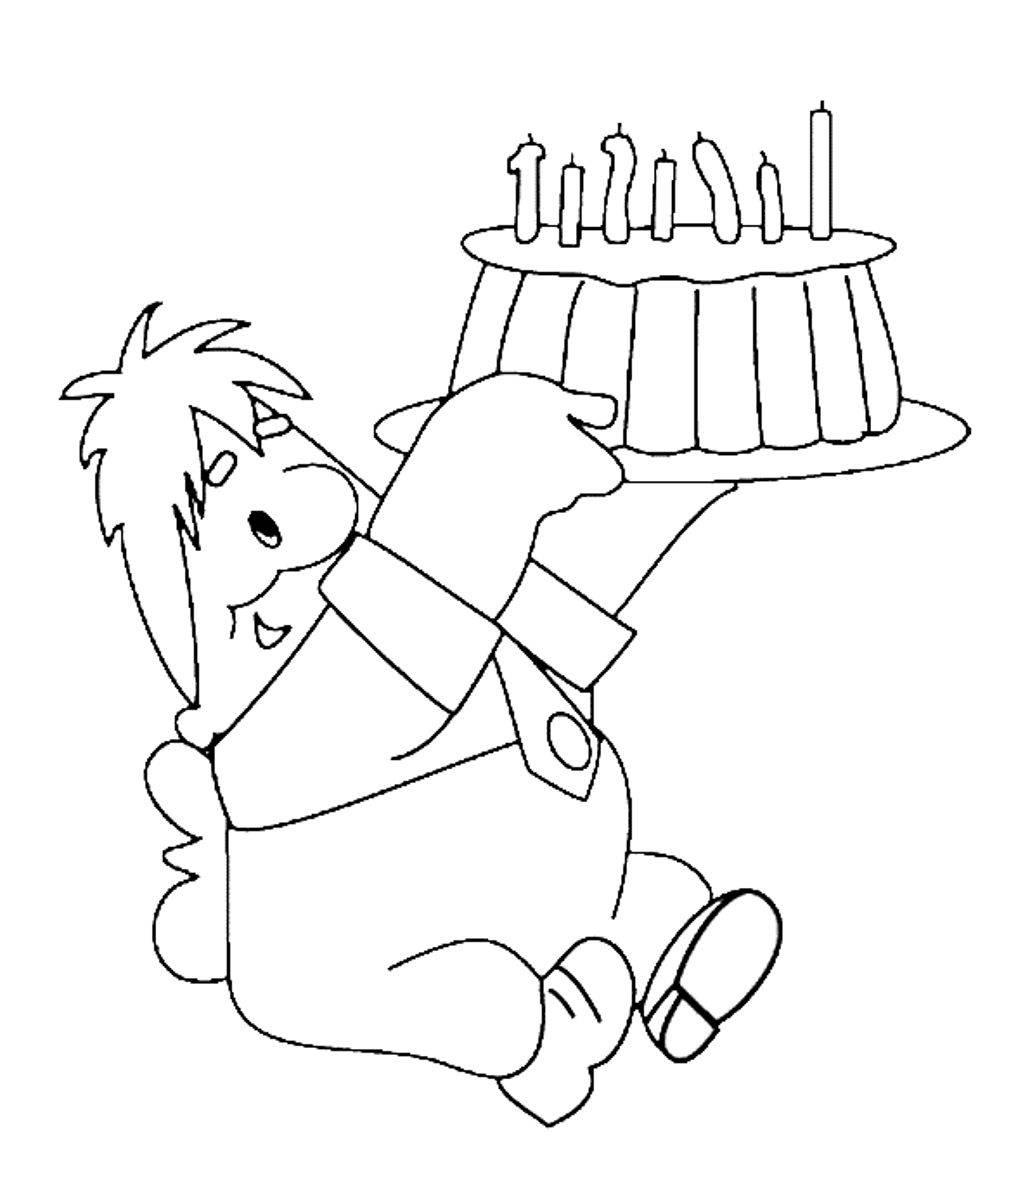 Спасибо, открытка для мальчика своими руками на день рождения нарисовать